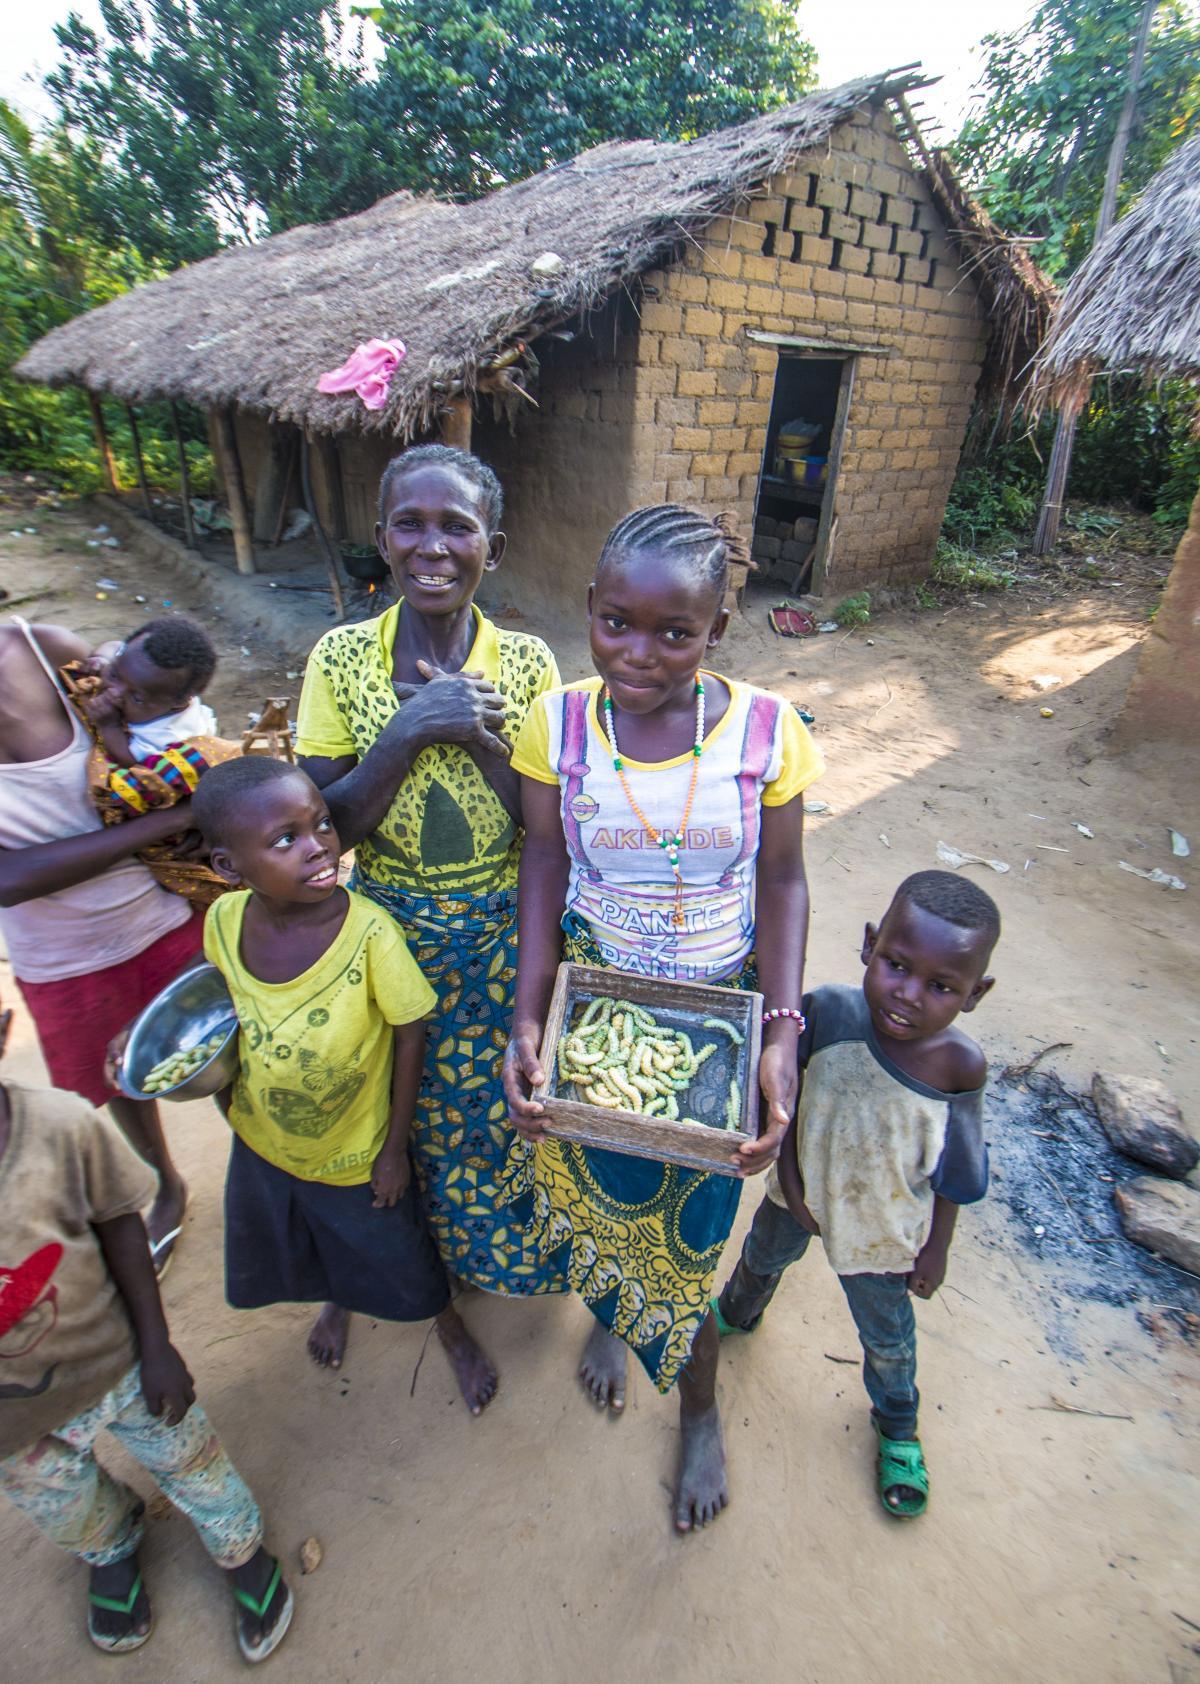 La chenille Nsani gata (Samia ricini) est originaire d'Inde, mais a été immédiatement adoptée par la population du Kongo central.